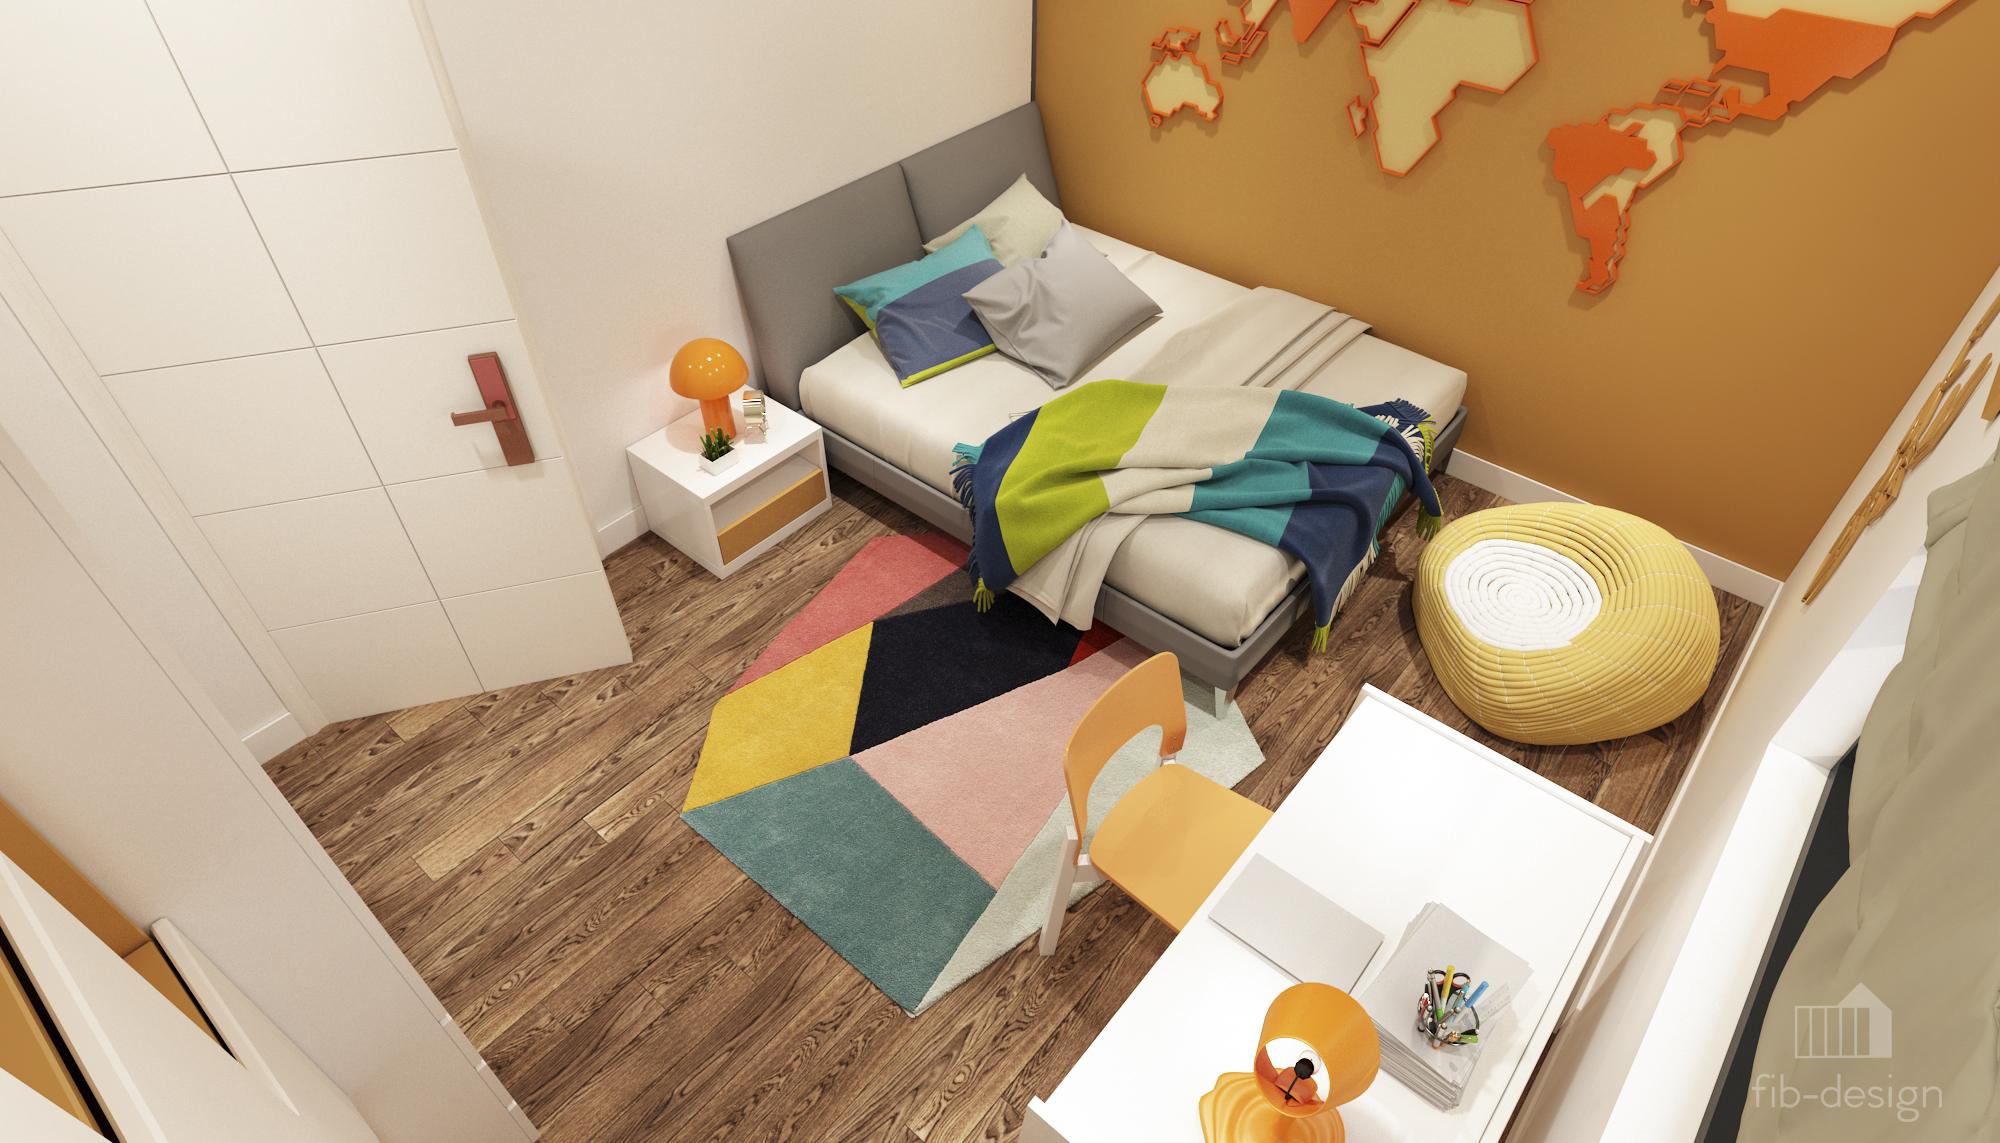 thiết kế nội thất chung cư tại Hà Nội P714 Chung cư GOLDSiLK 17 1544083445